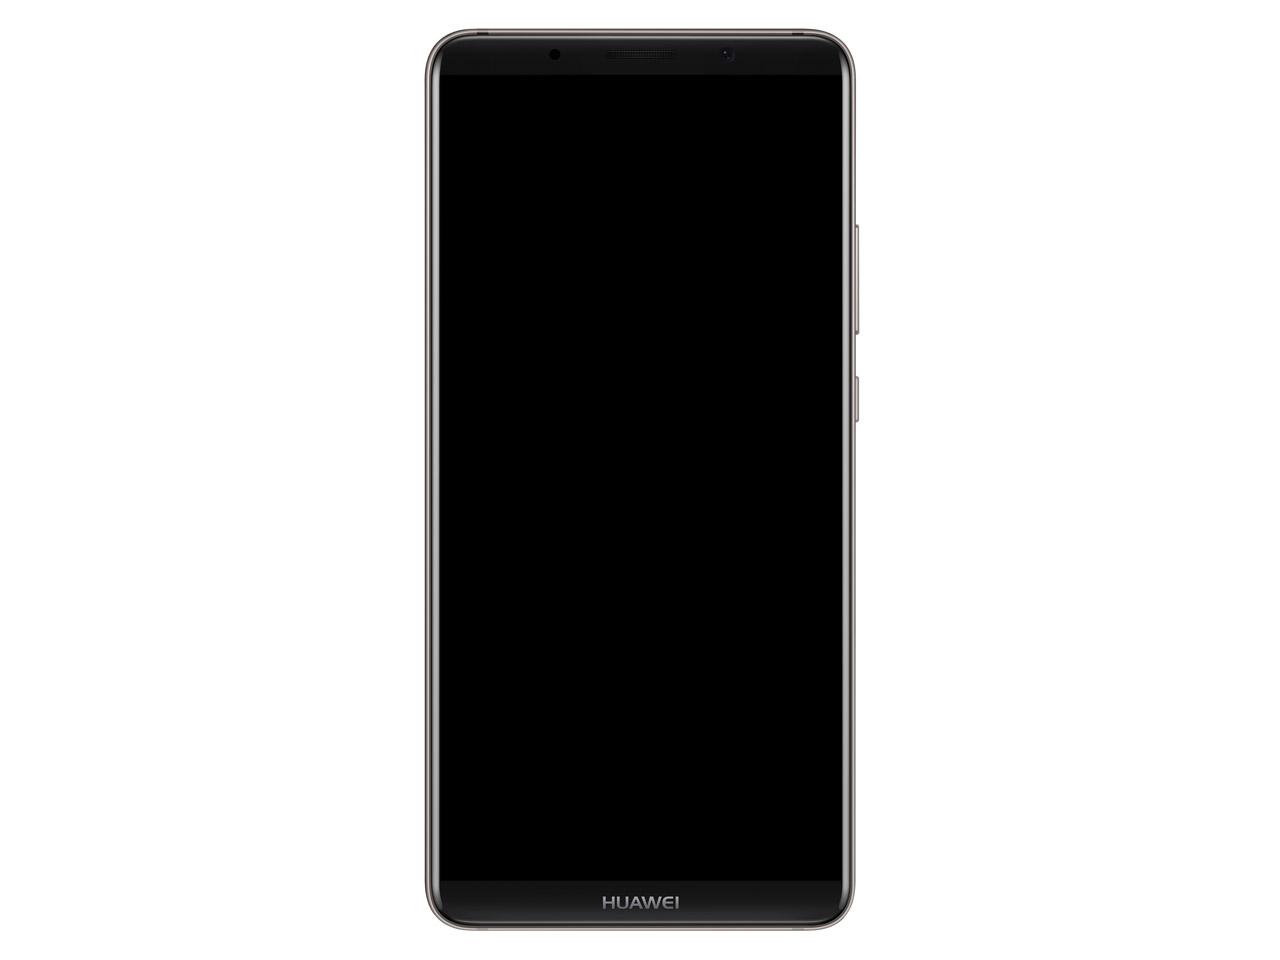 『本体1』 HUAWEI Mate 10 Pro SIMフリー [チタニウムグレー] の製品画像